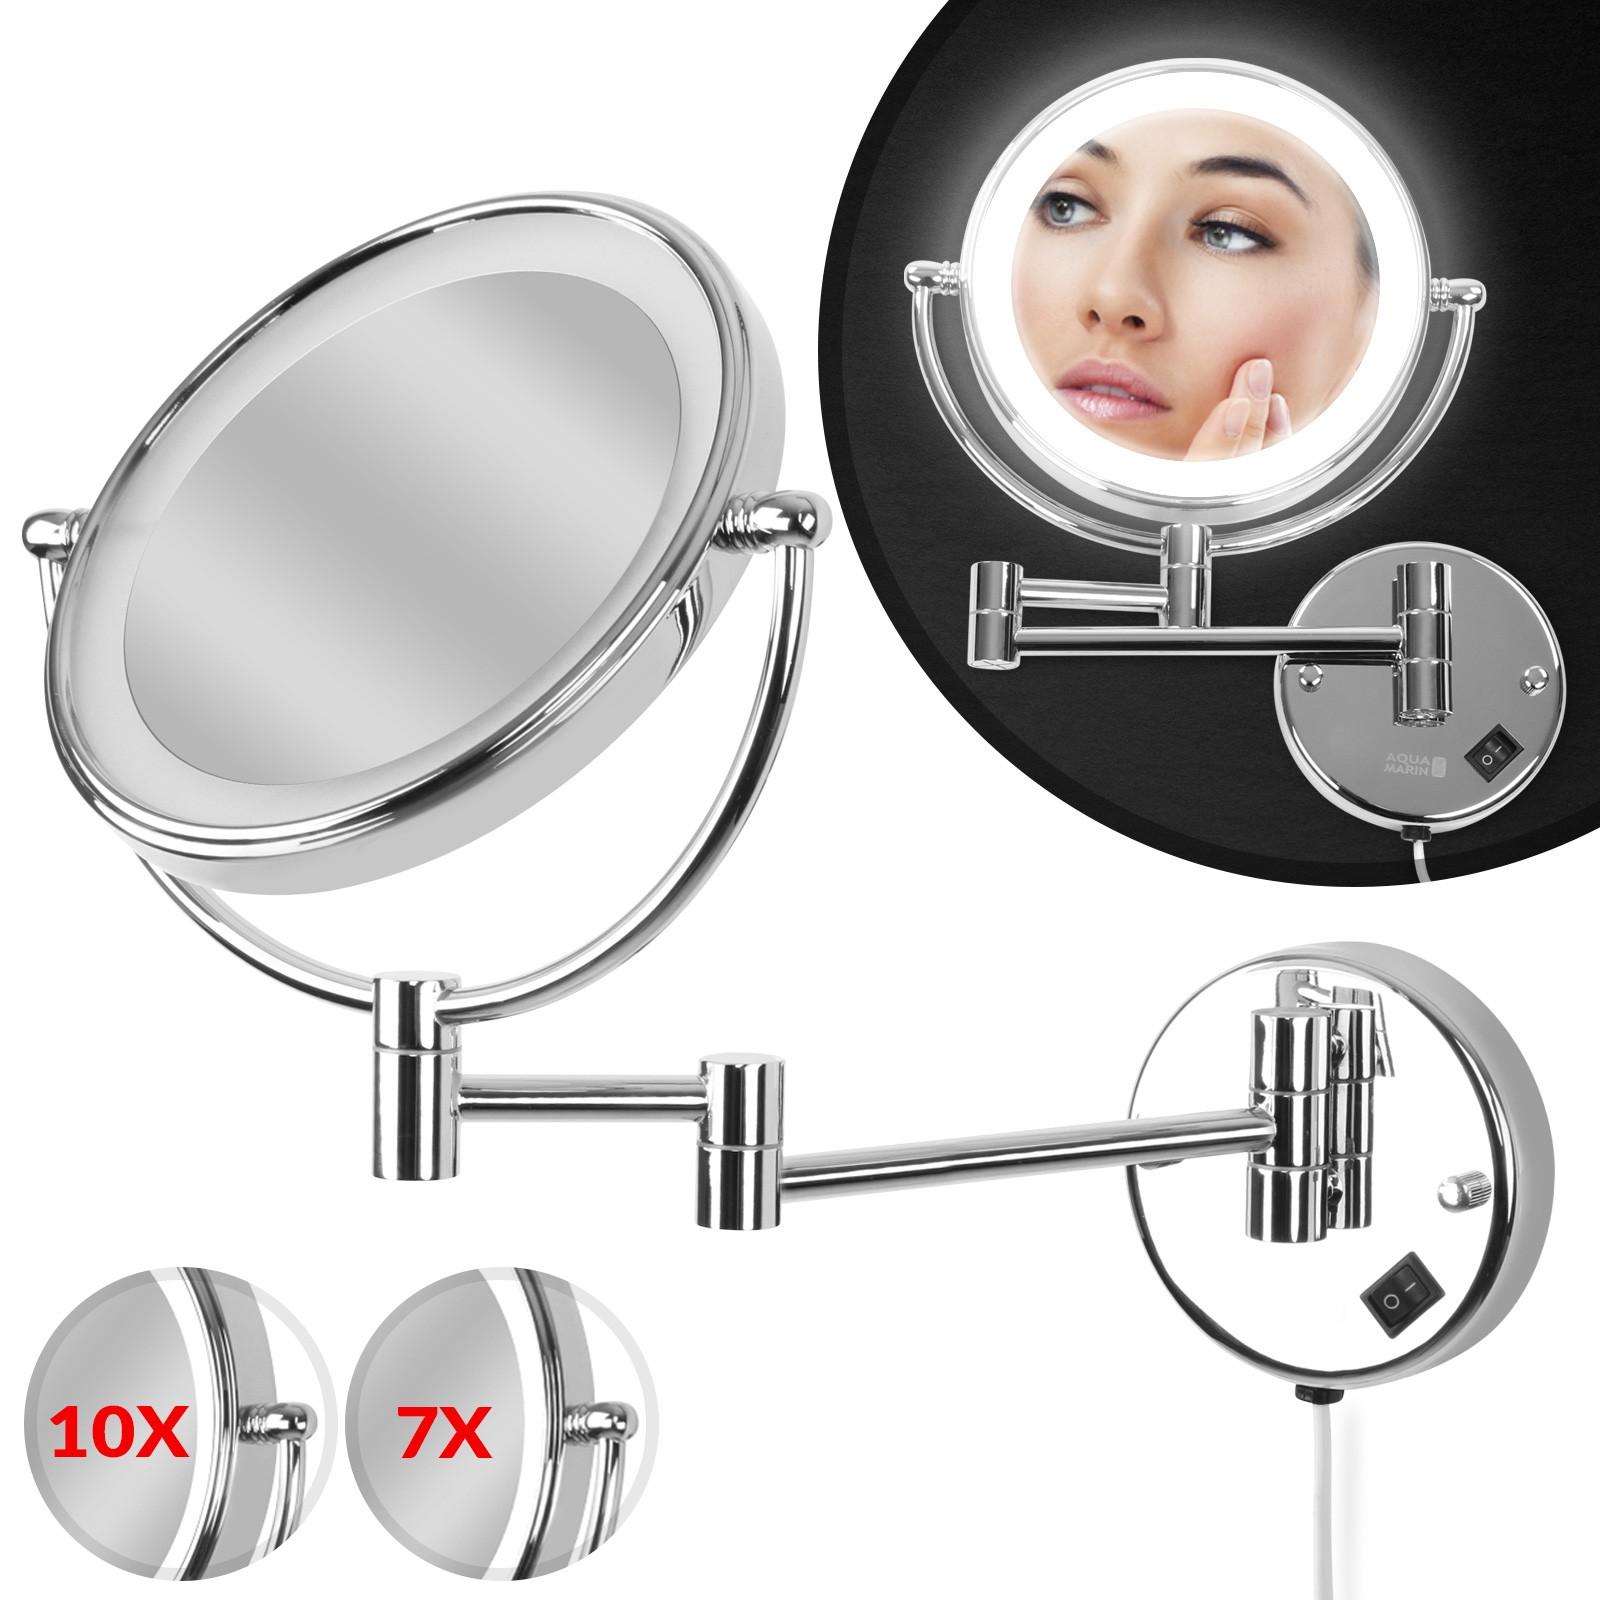 Kosmetikspiegel 7 Fach : kosmetikspiegel wandmontage 7 10 fach zoom led beleuchtung schwenkbar gelenkarm ebay ~ Avissmed.com Haus und Dekorationen